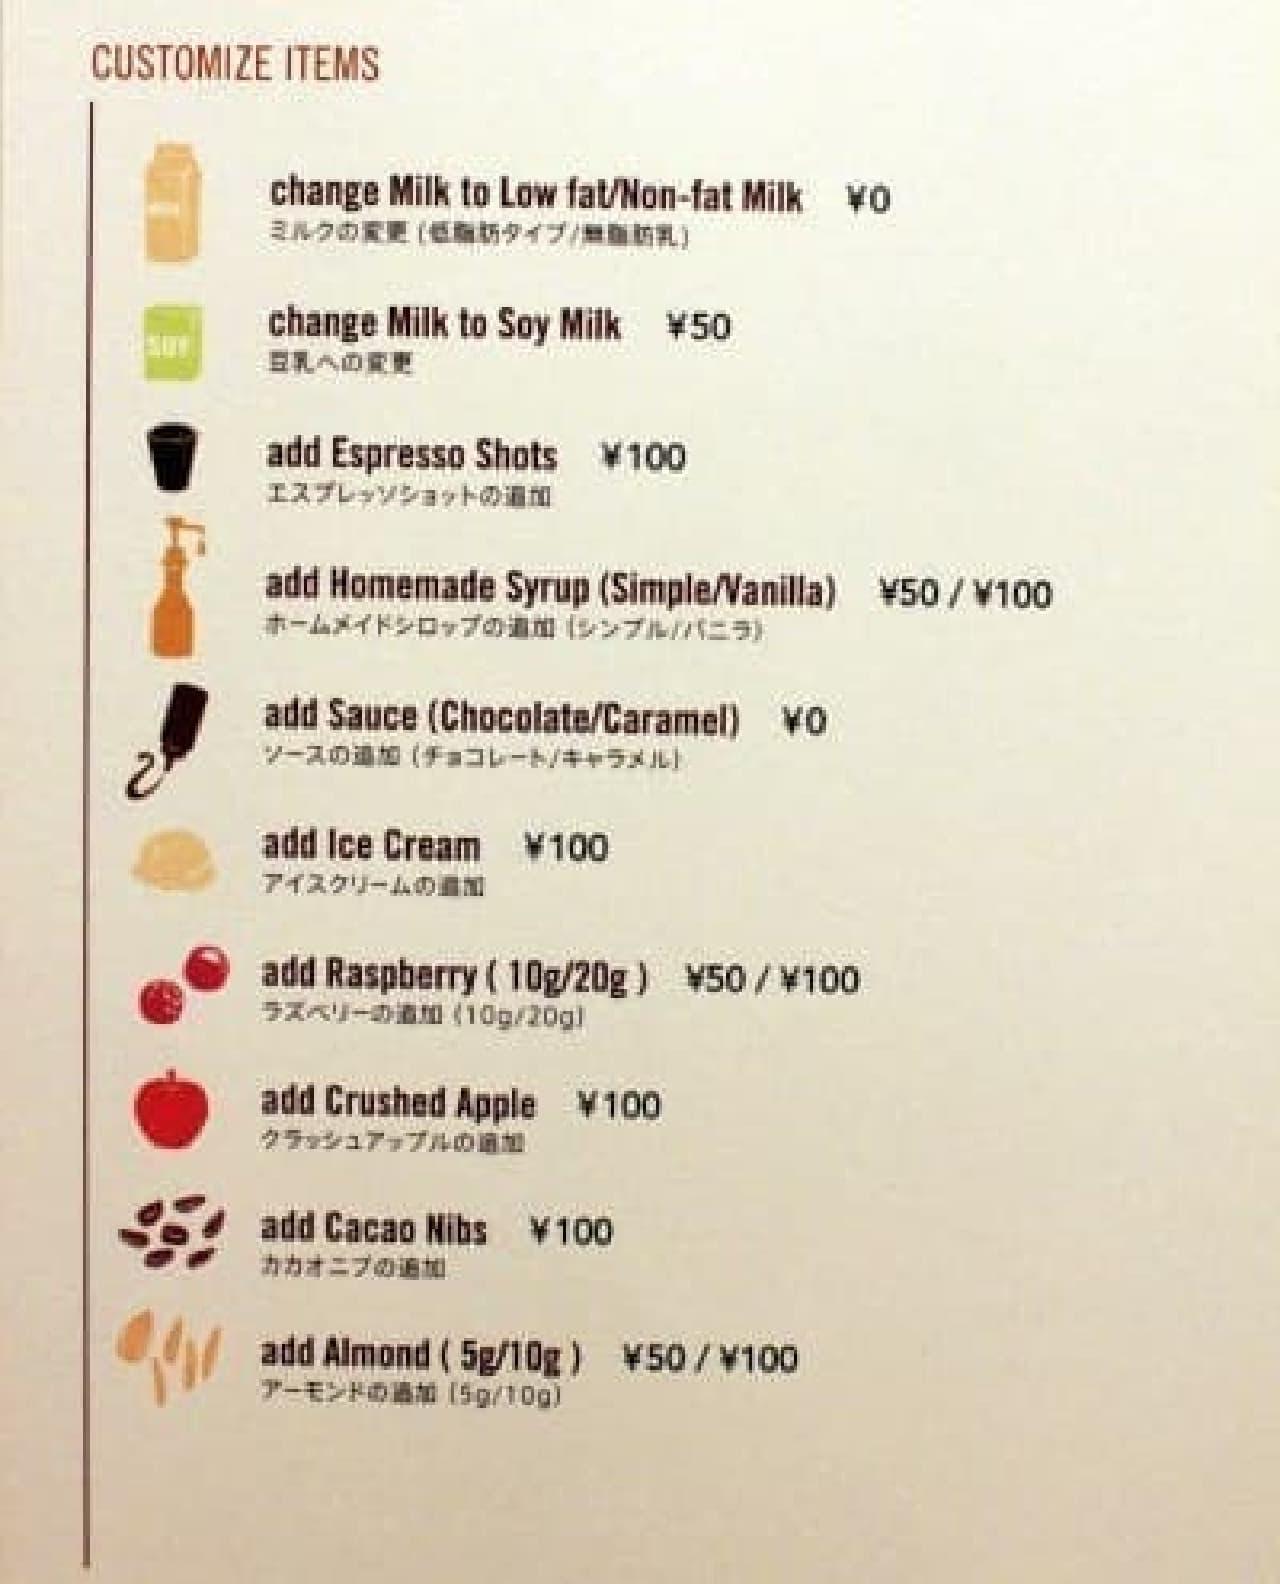 スターバックス ネイバーフッドアンドコーヒー カスタマイズ一覧